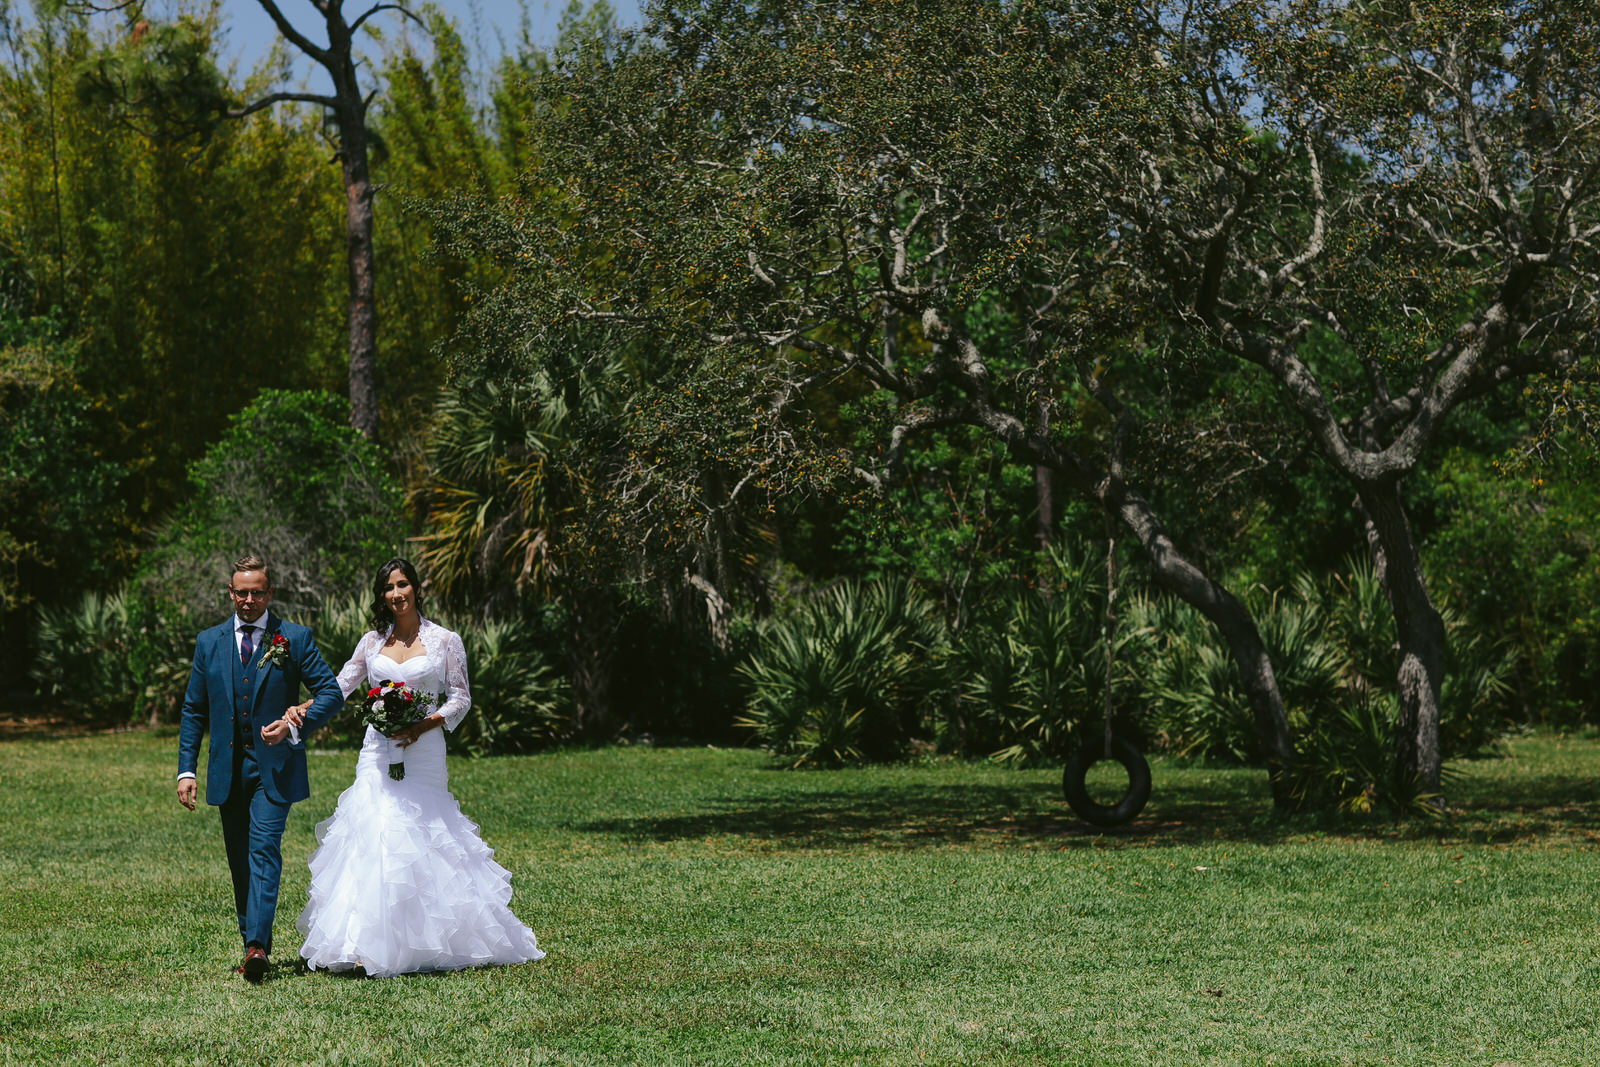 kashi-wedding-reception-tiny-house-photo-walking.jpg